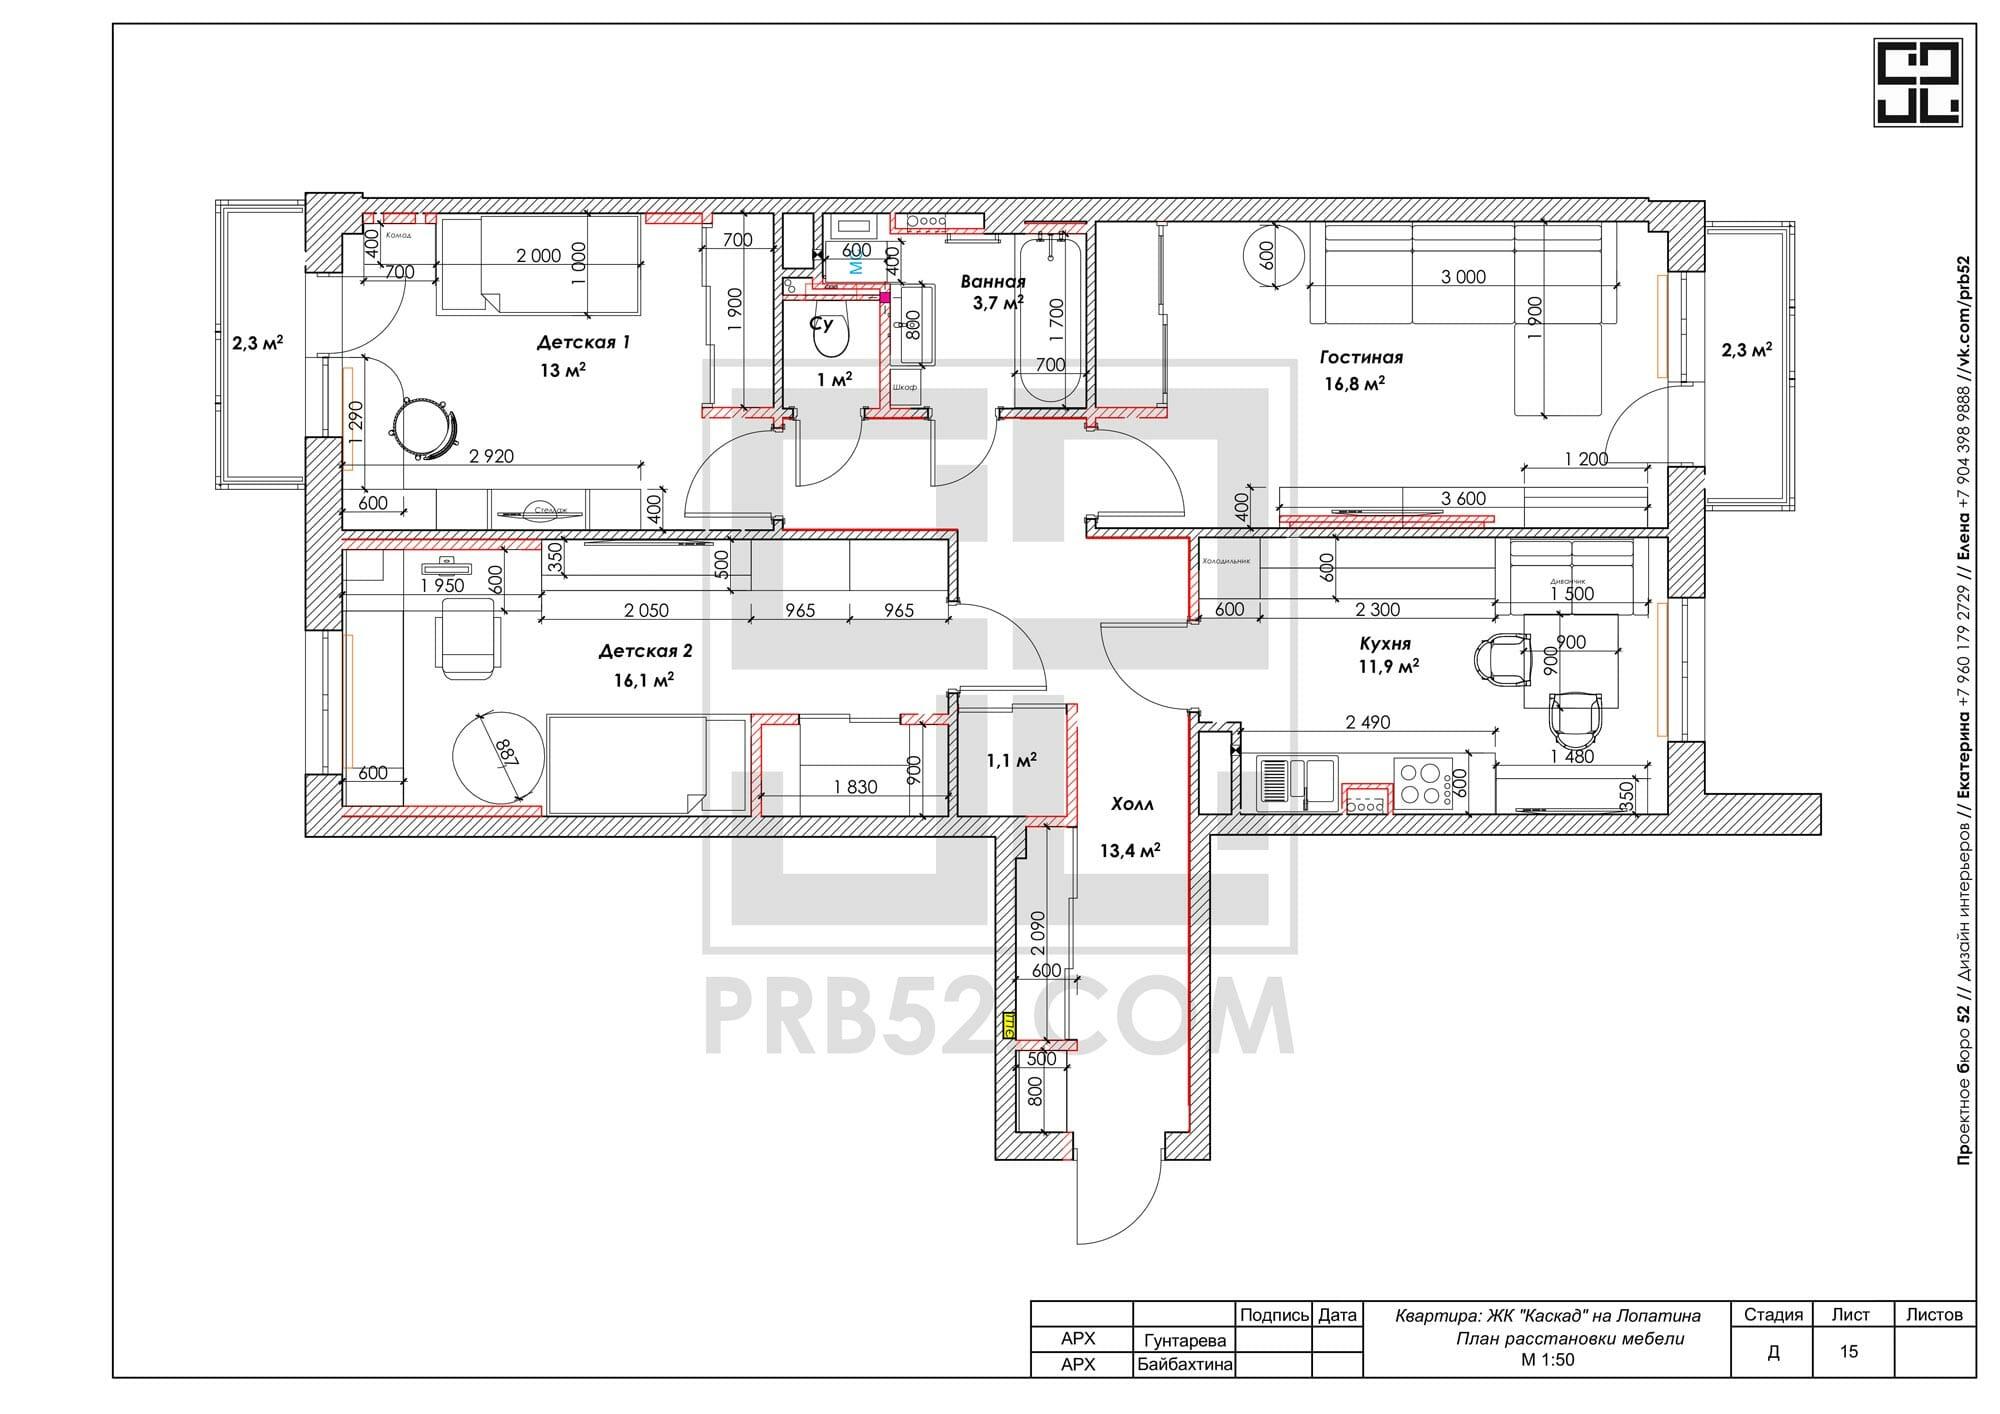 дизайн интерьера планы расстановки мебели